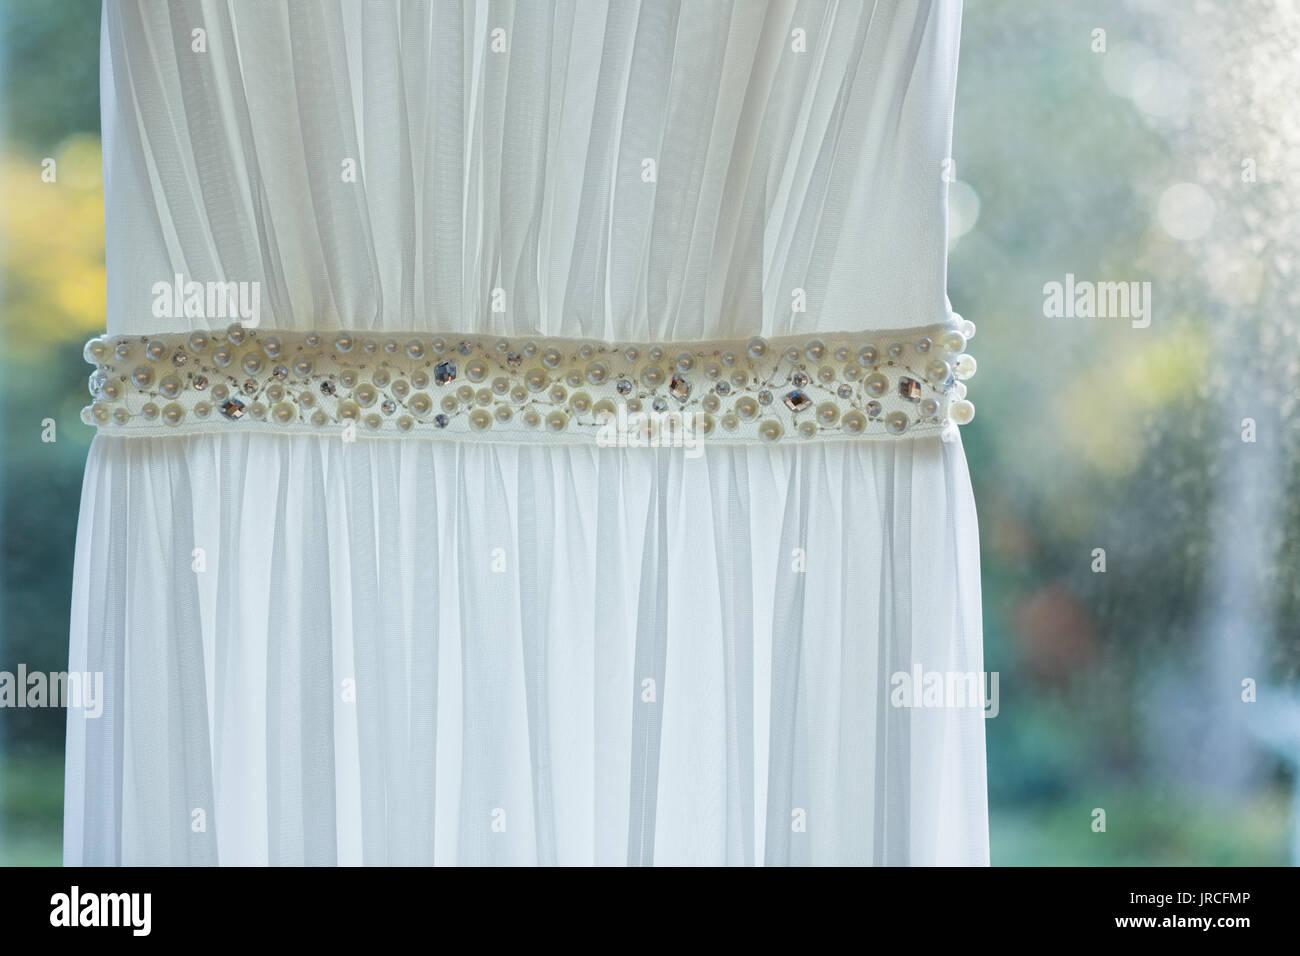 Wedding Dress Hanging Up Stock Photos & Wedding Dress Hanging Up ...